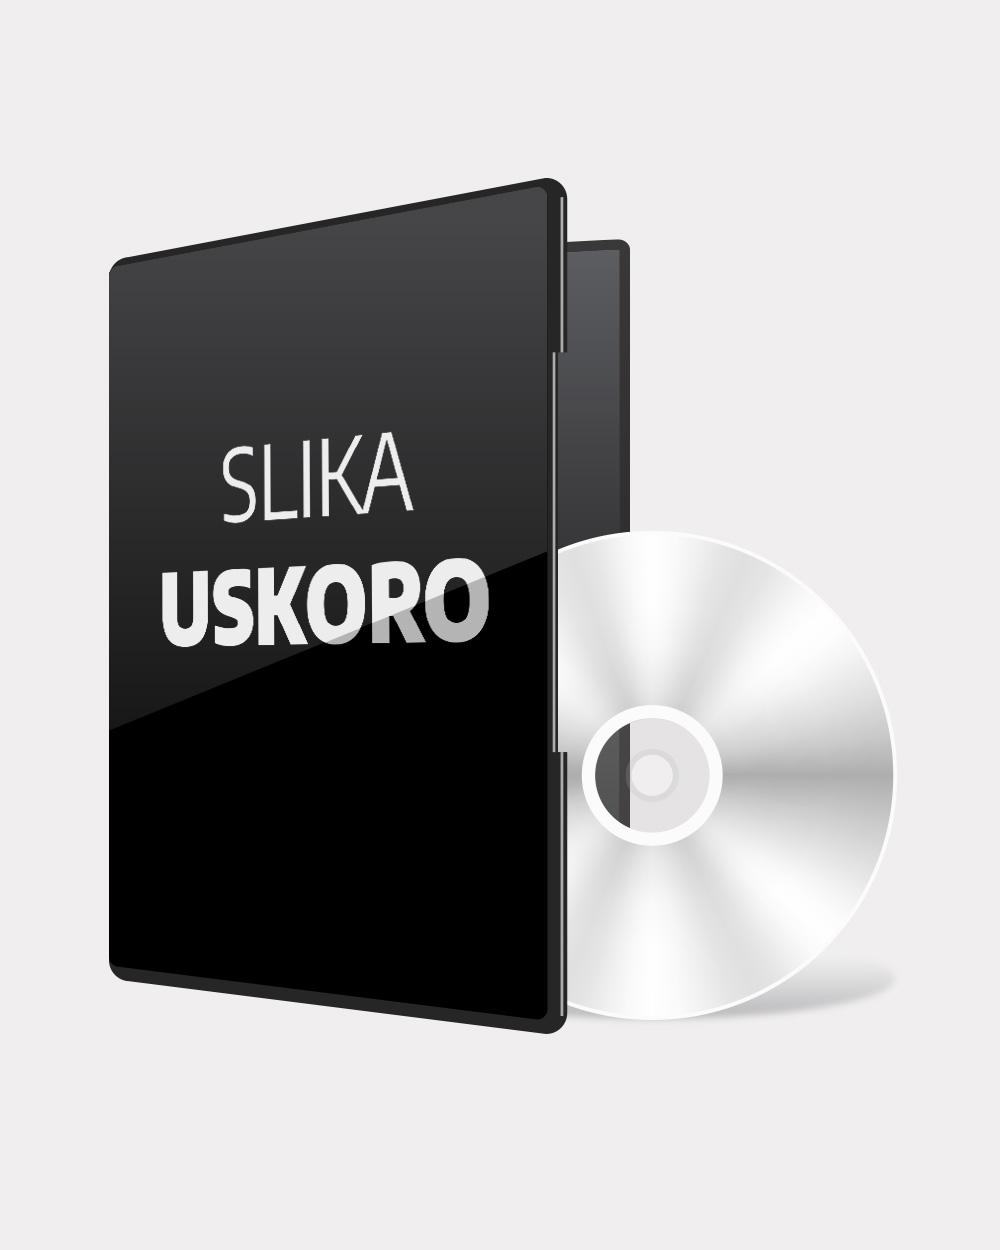 PS4 Resident Evil - Revelations HD